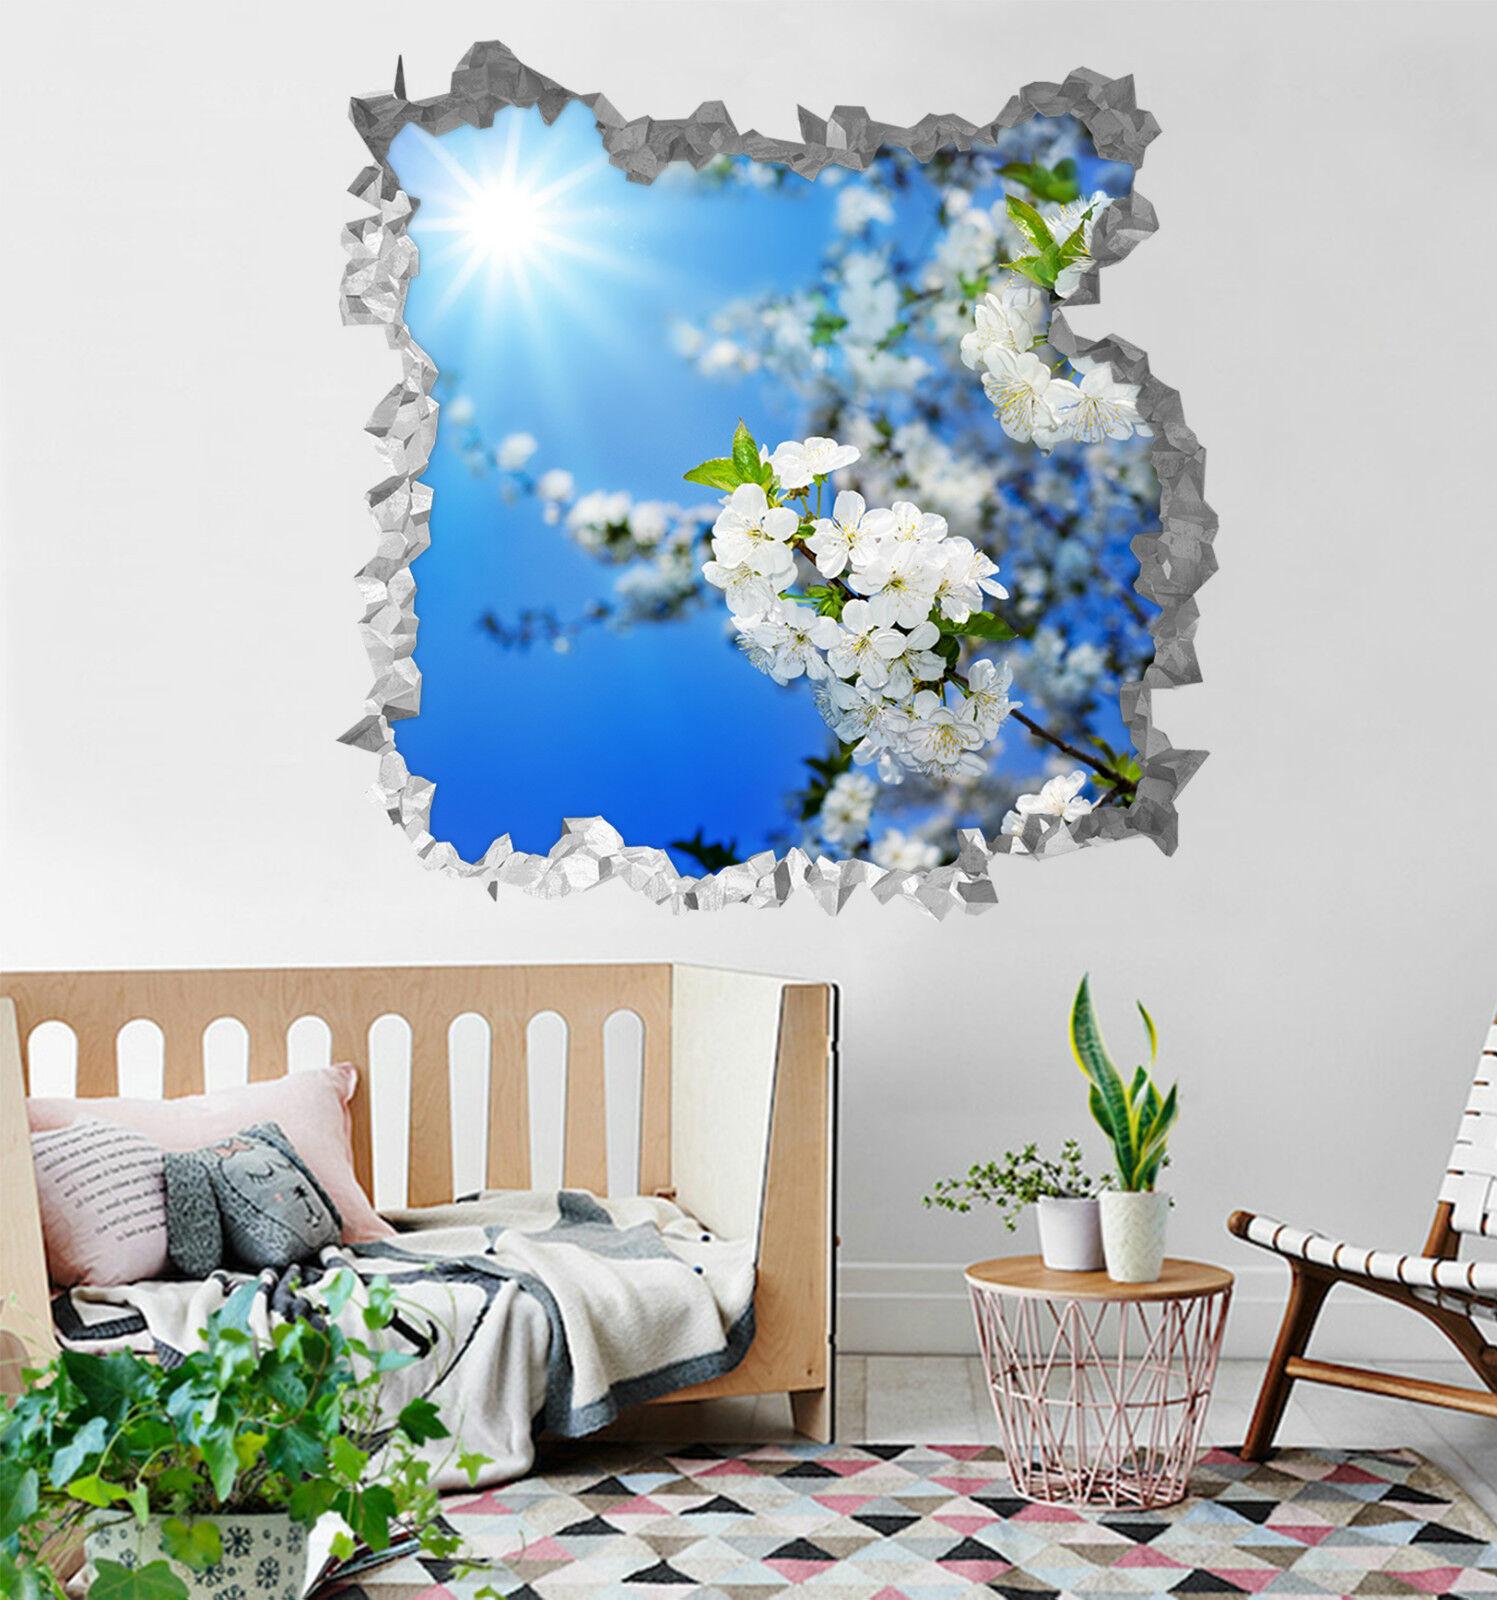 3D Himmel bluemen 58 Mauer Murals Aufklebe Decal Durchbruch AJ WALLPAPER DE Lemon